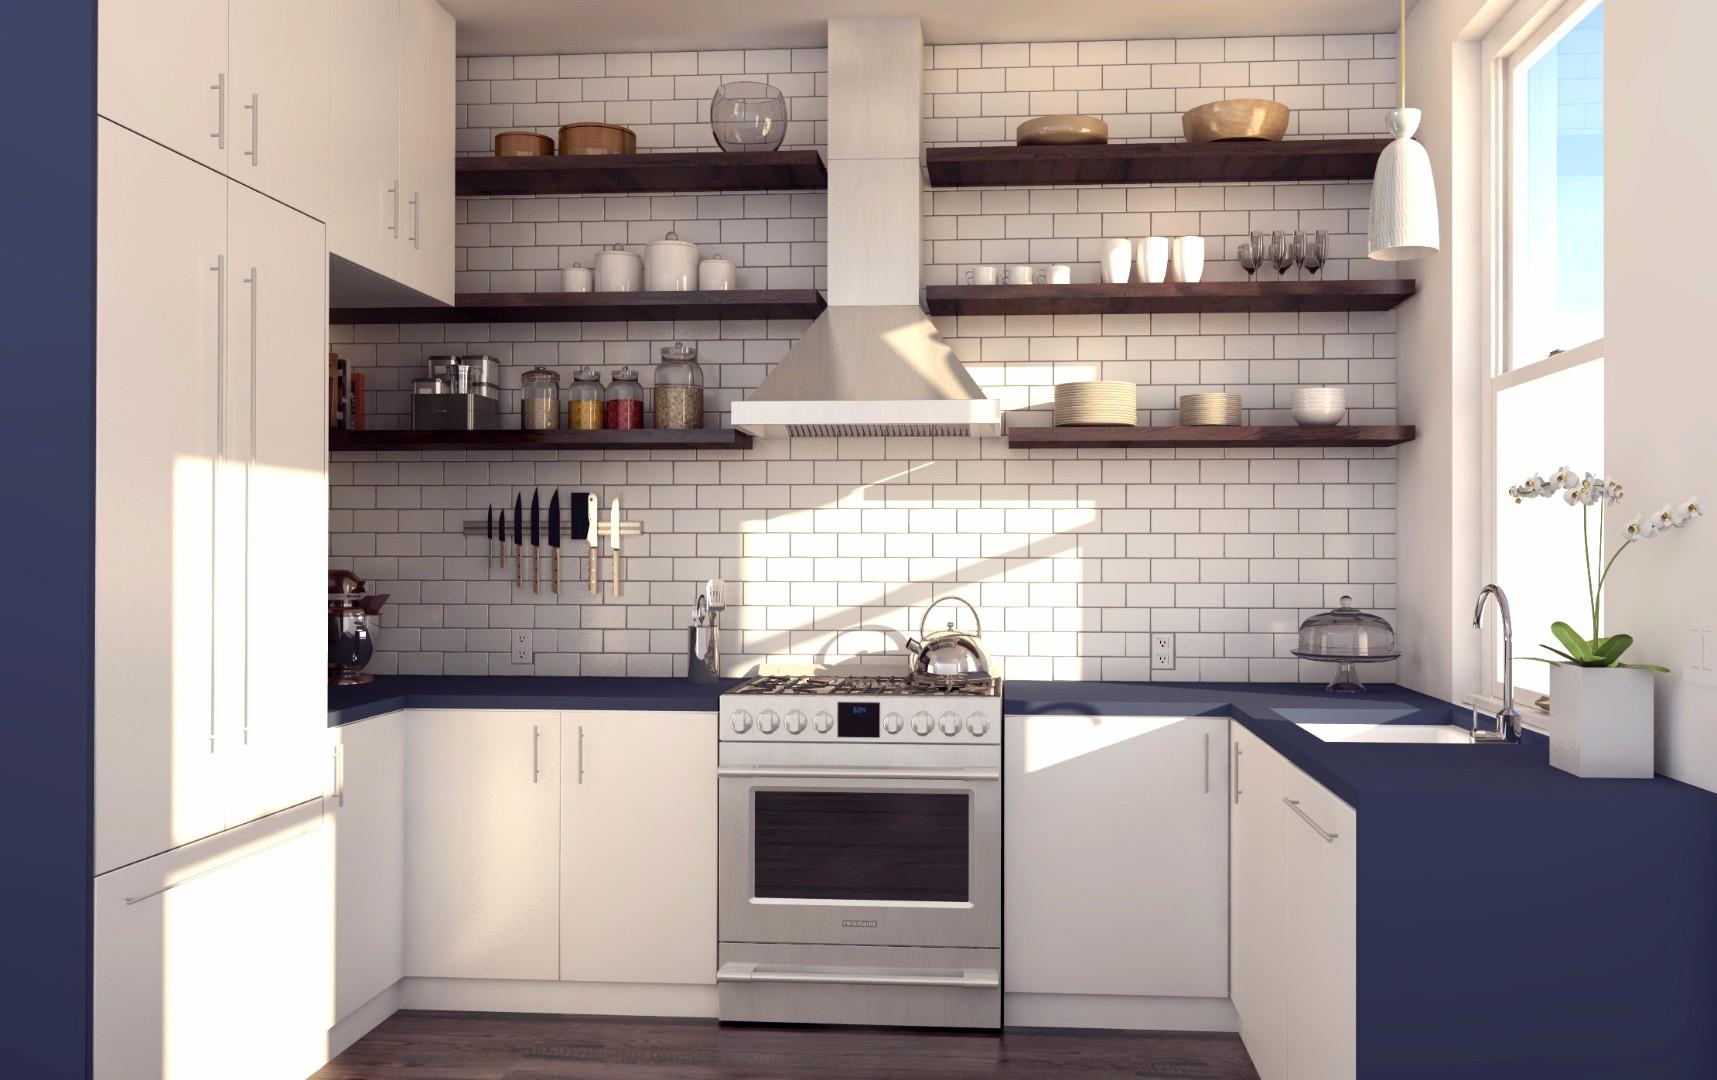 blue_kitchen_112217__day.jpg